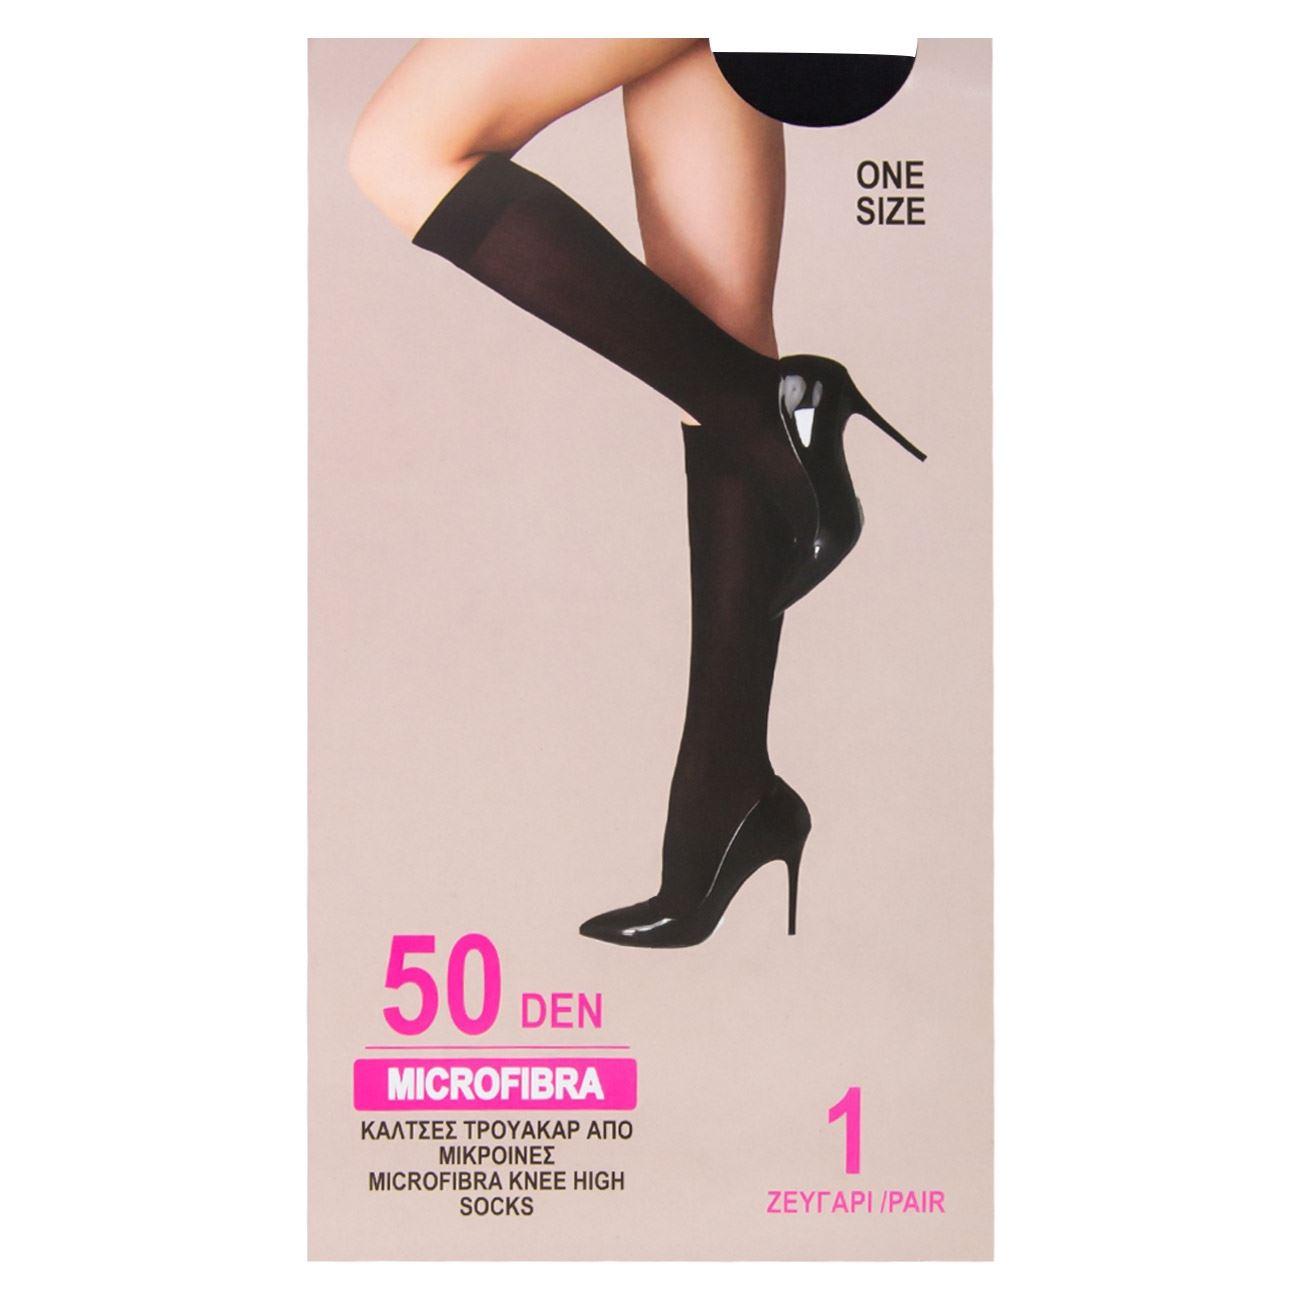 Καλτσάκια 3 4 Microfibra 40-50D · Κάλτσες Γυναικείες Τρουακάρ Μαύρες - 1  ζευγ. 7f7a87f2f2f